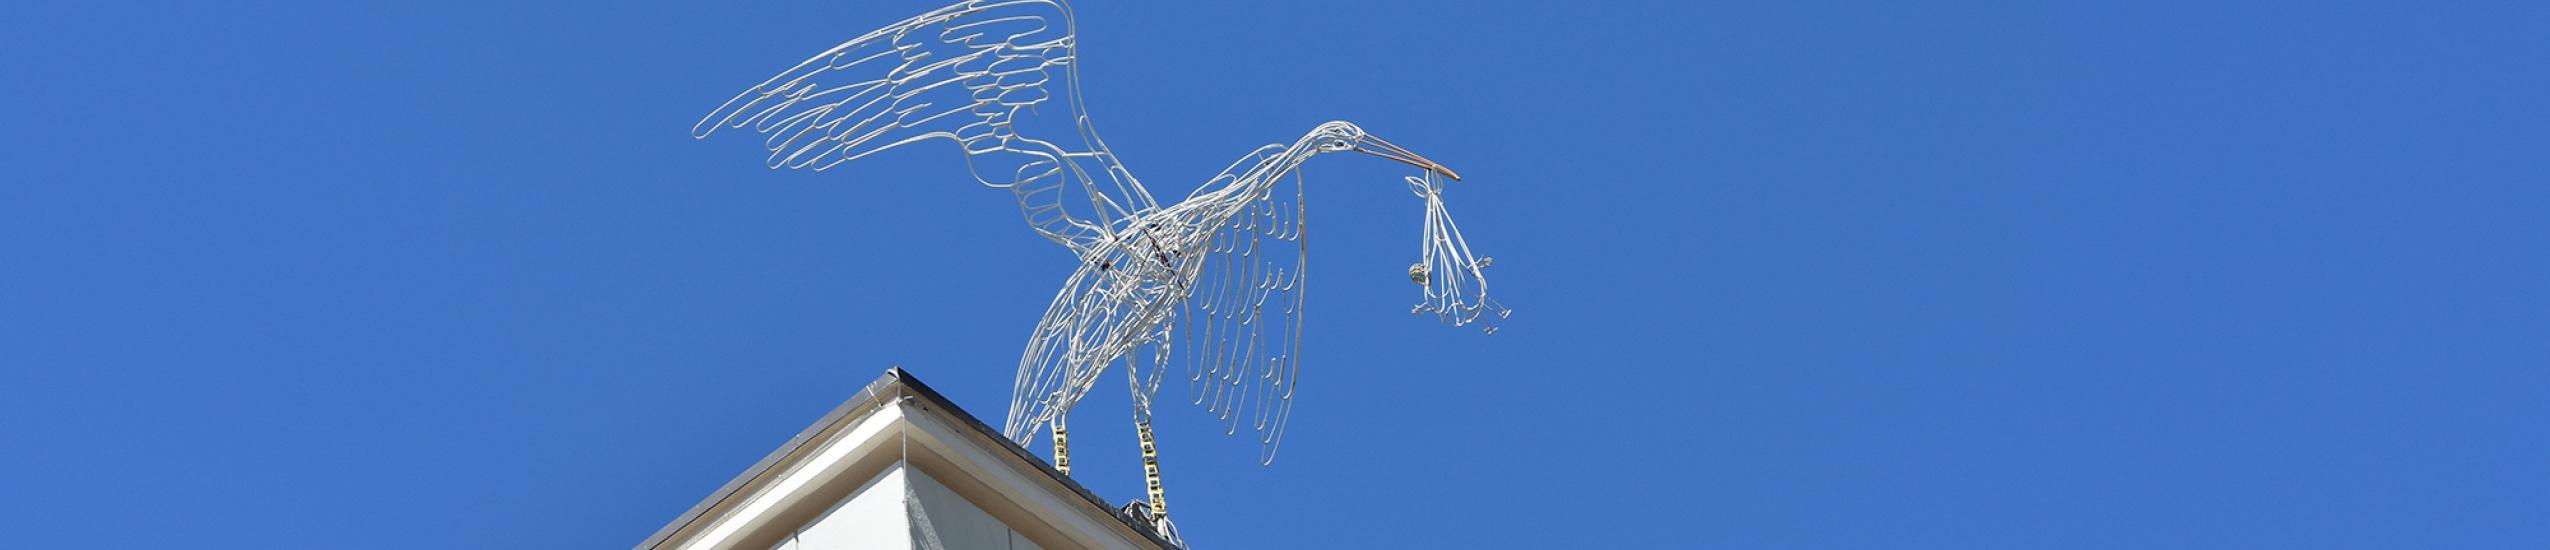 La statua della cicogna situata sul tetto del Comune